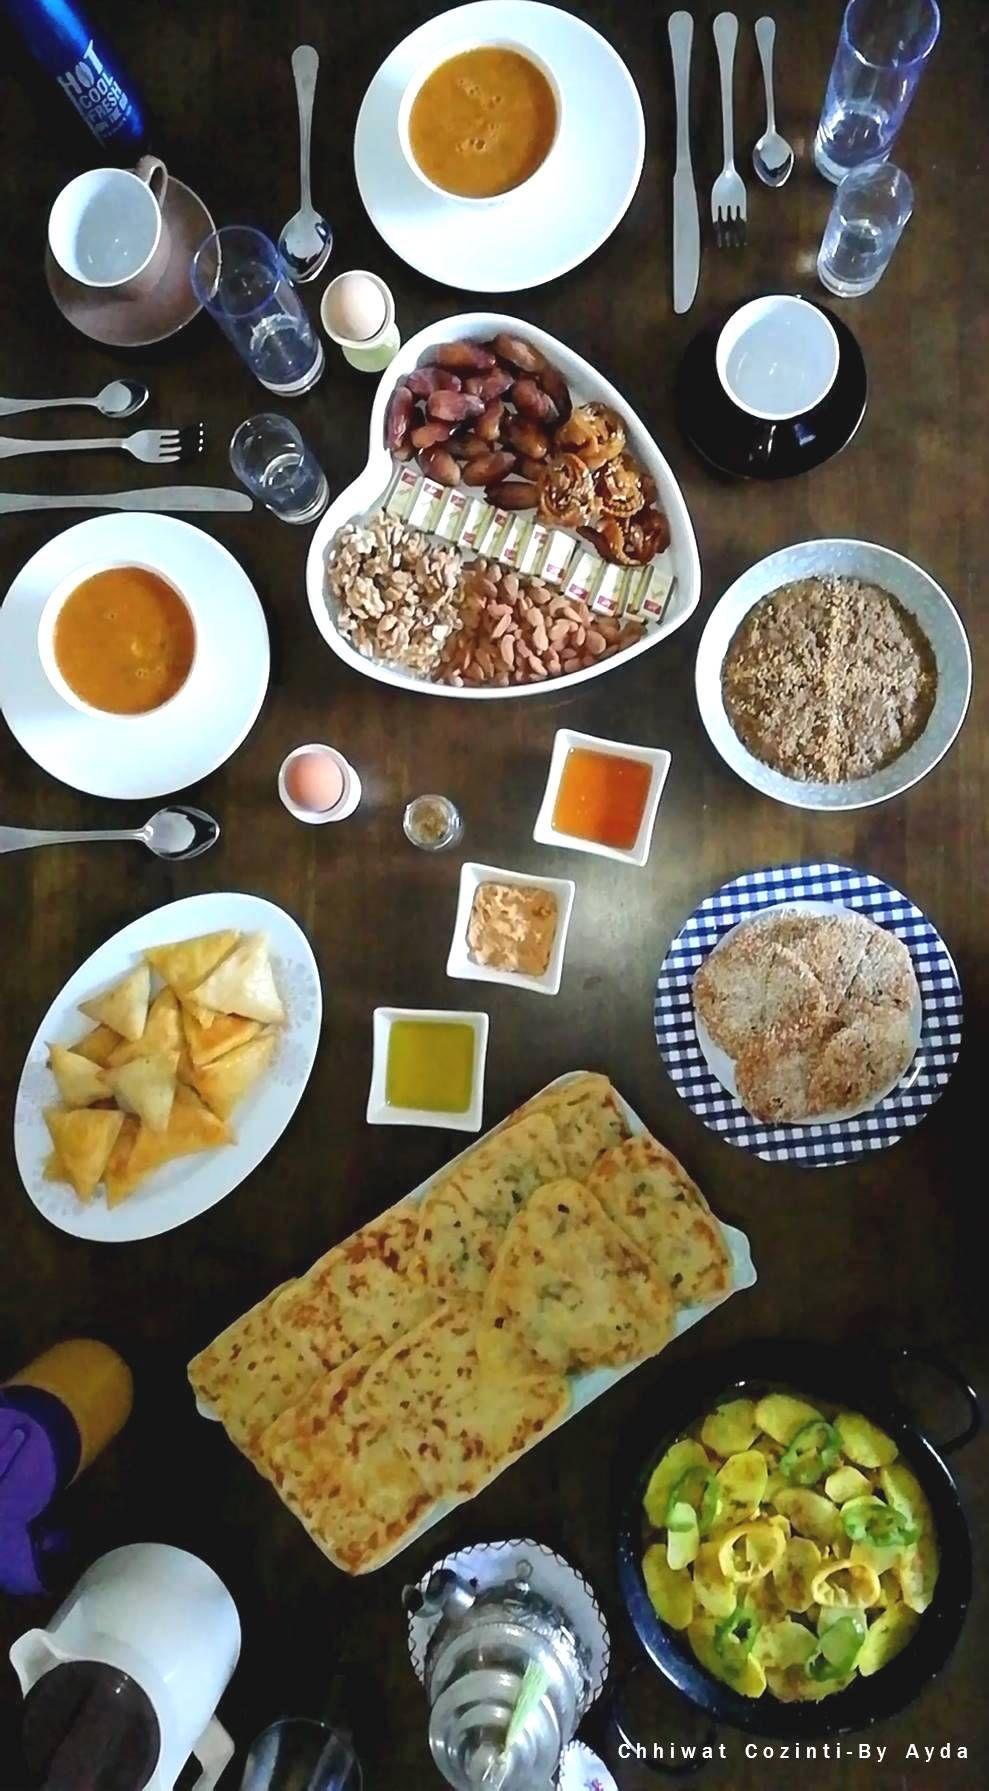 Pin On Chhiwat Ramadan شهيوات رمضان و العيد 2019